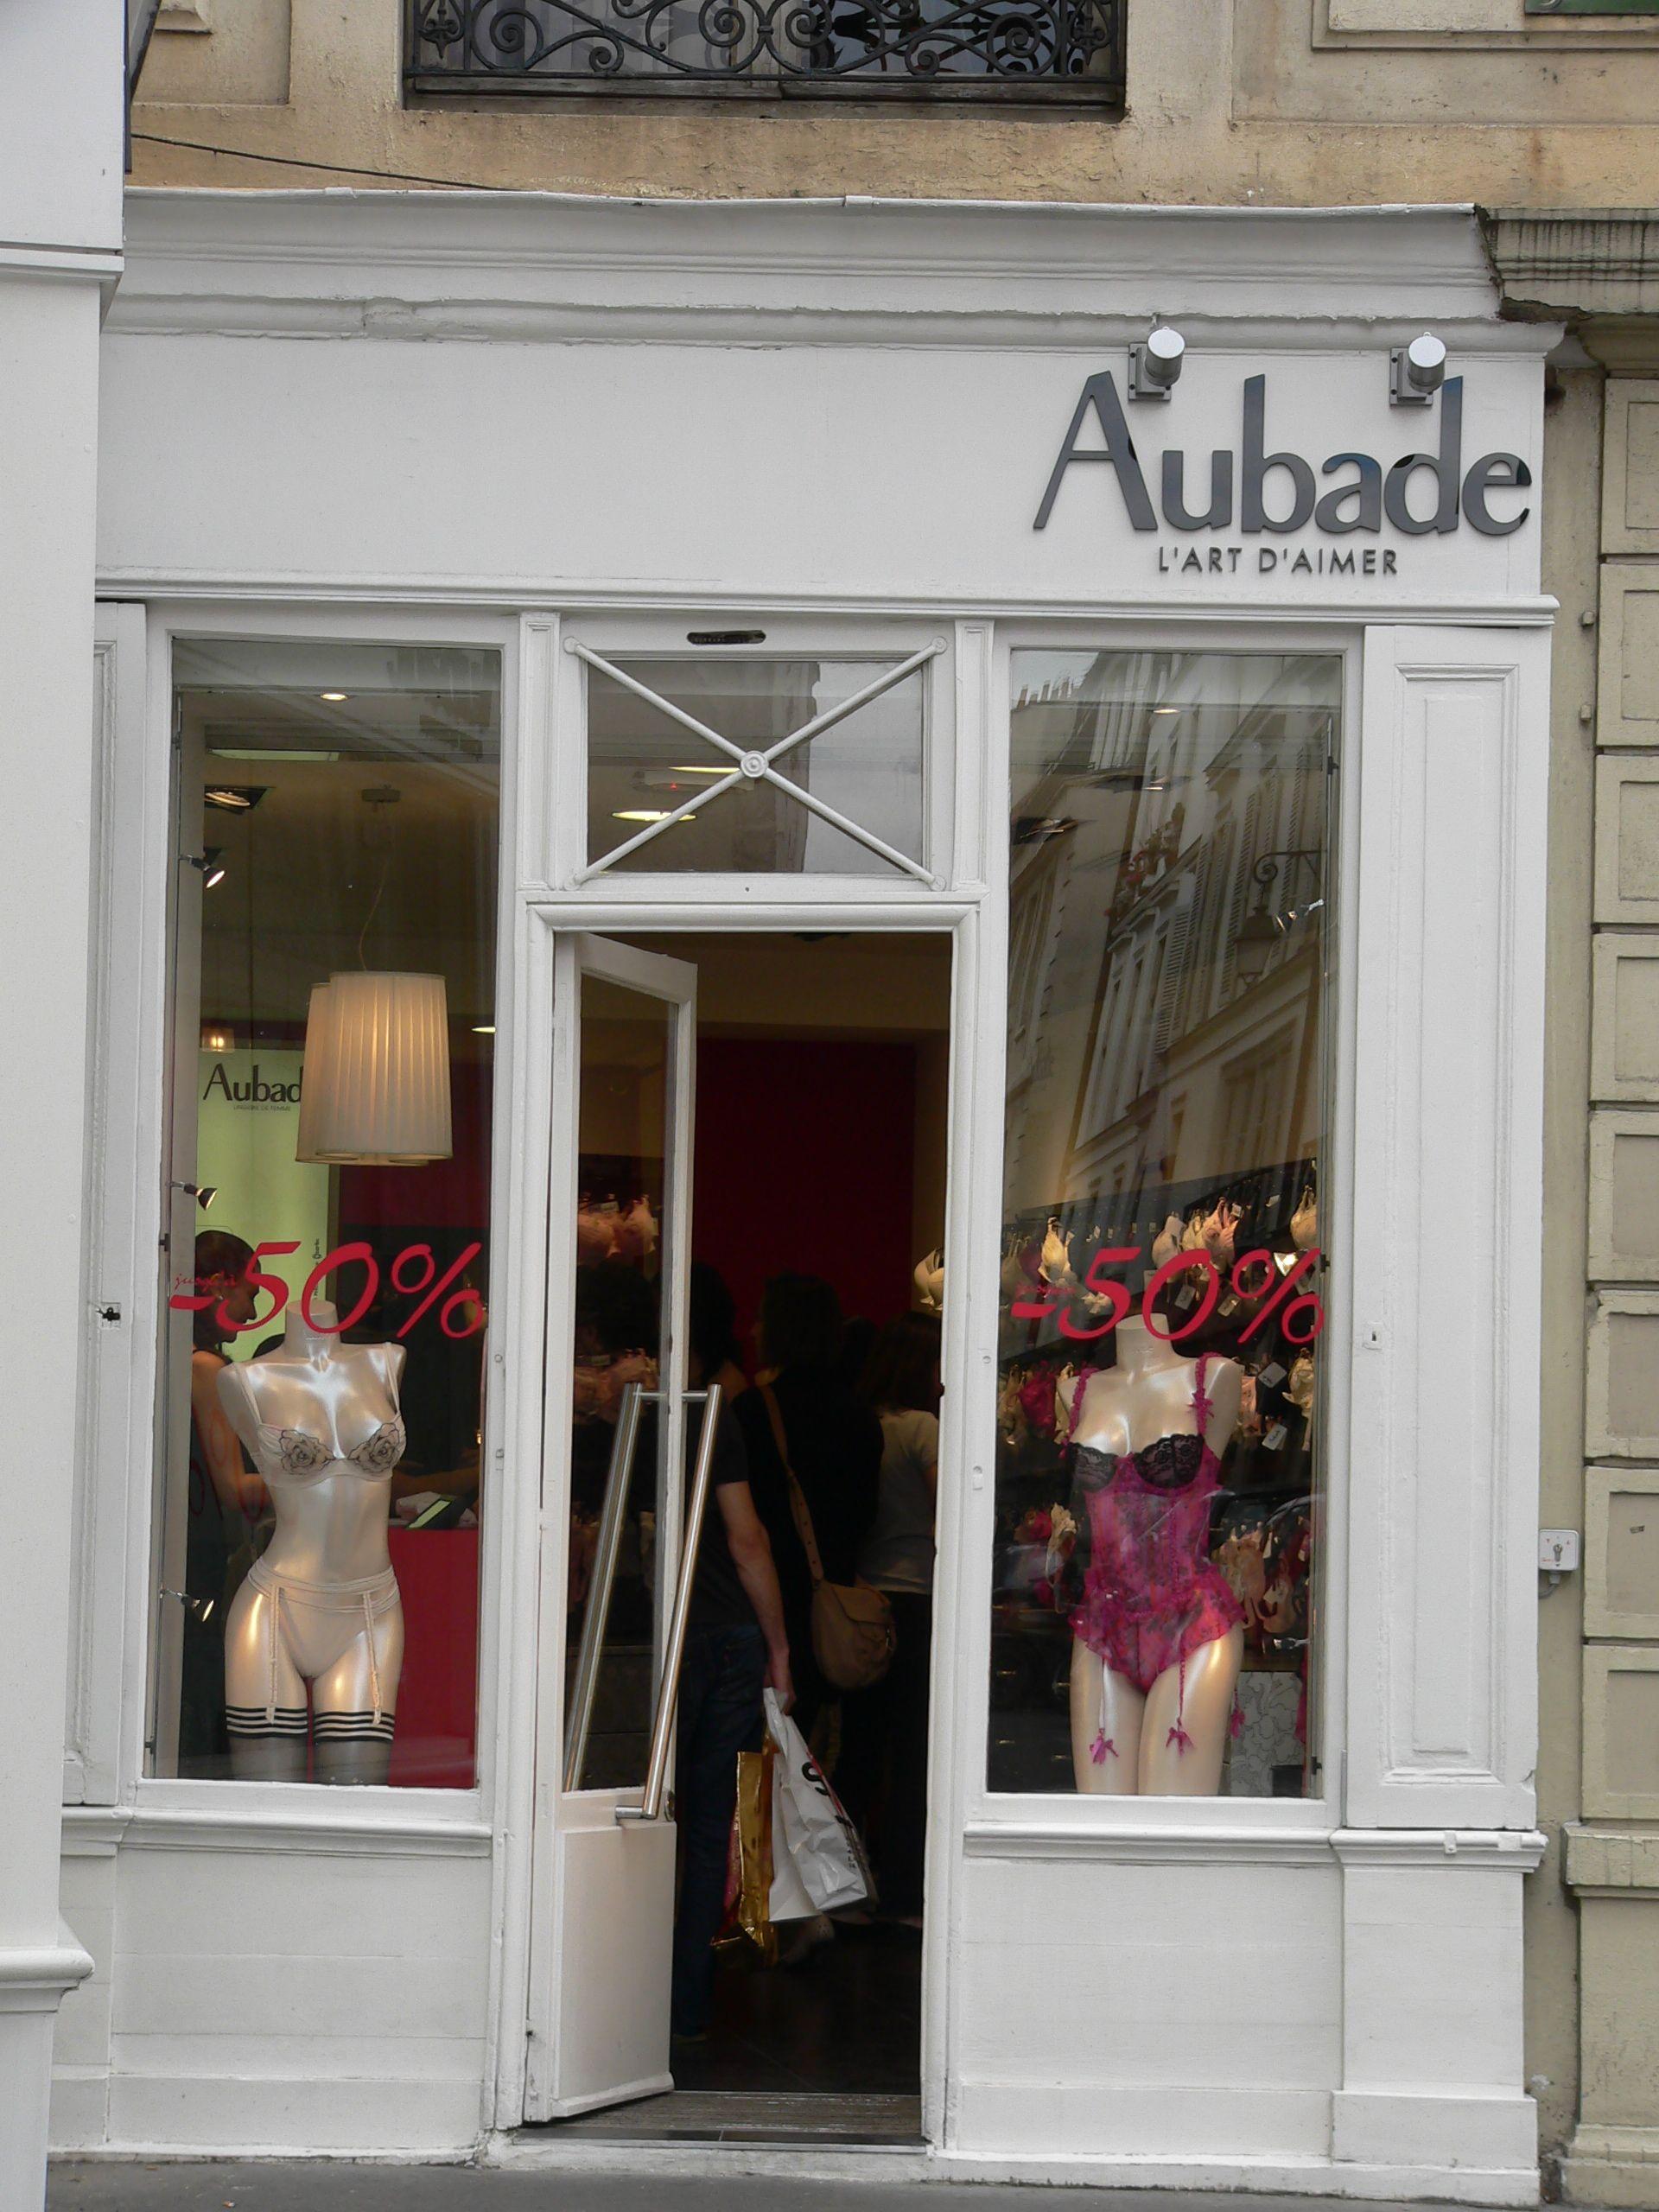 Vitrine Aubade - Paris - France